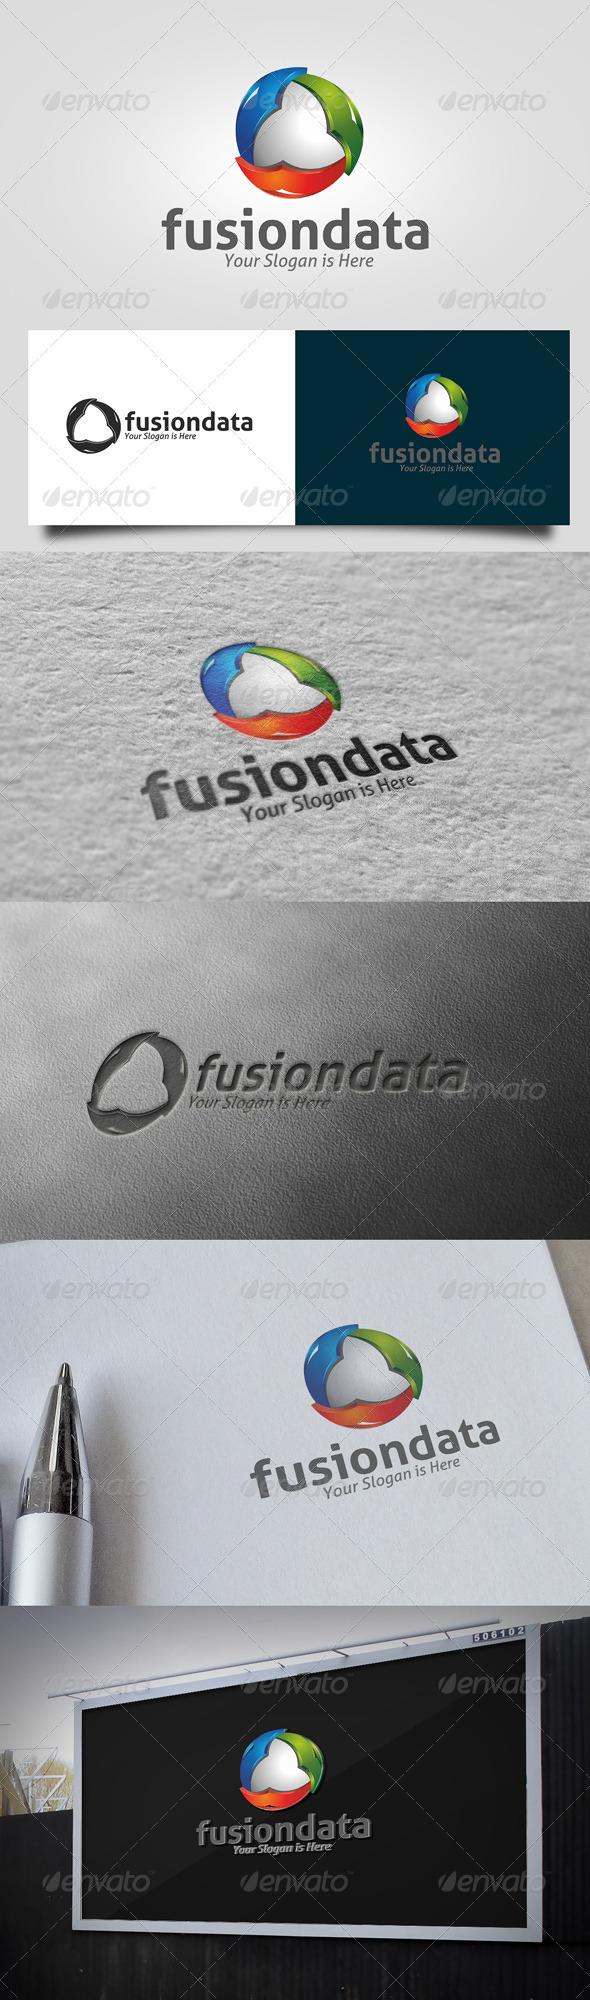 GraphicRiver Fusion Data Logo 5701512